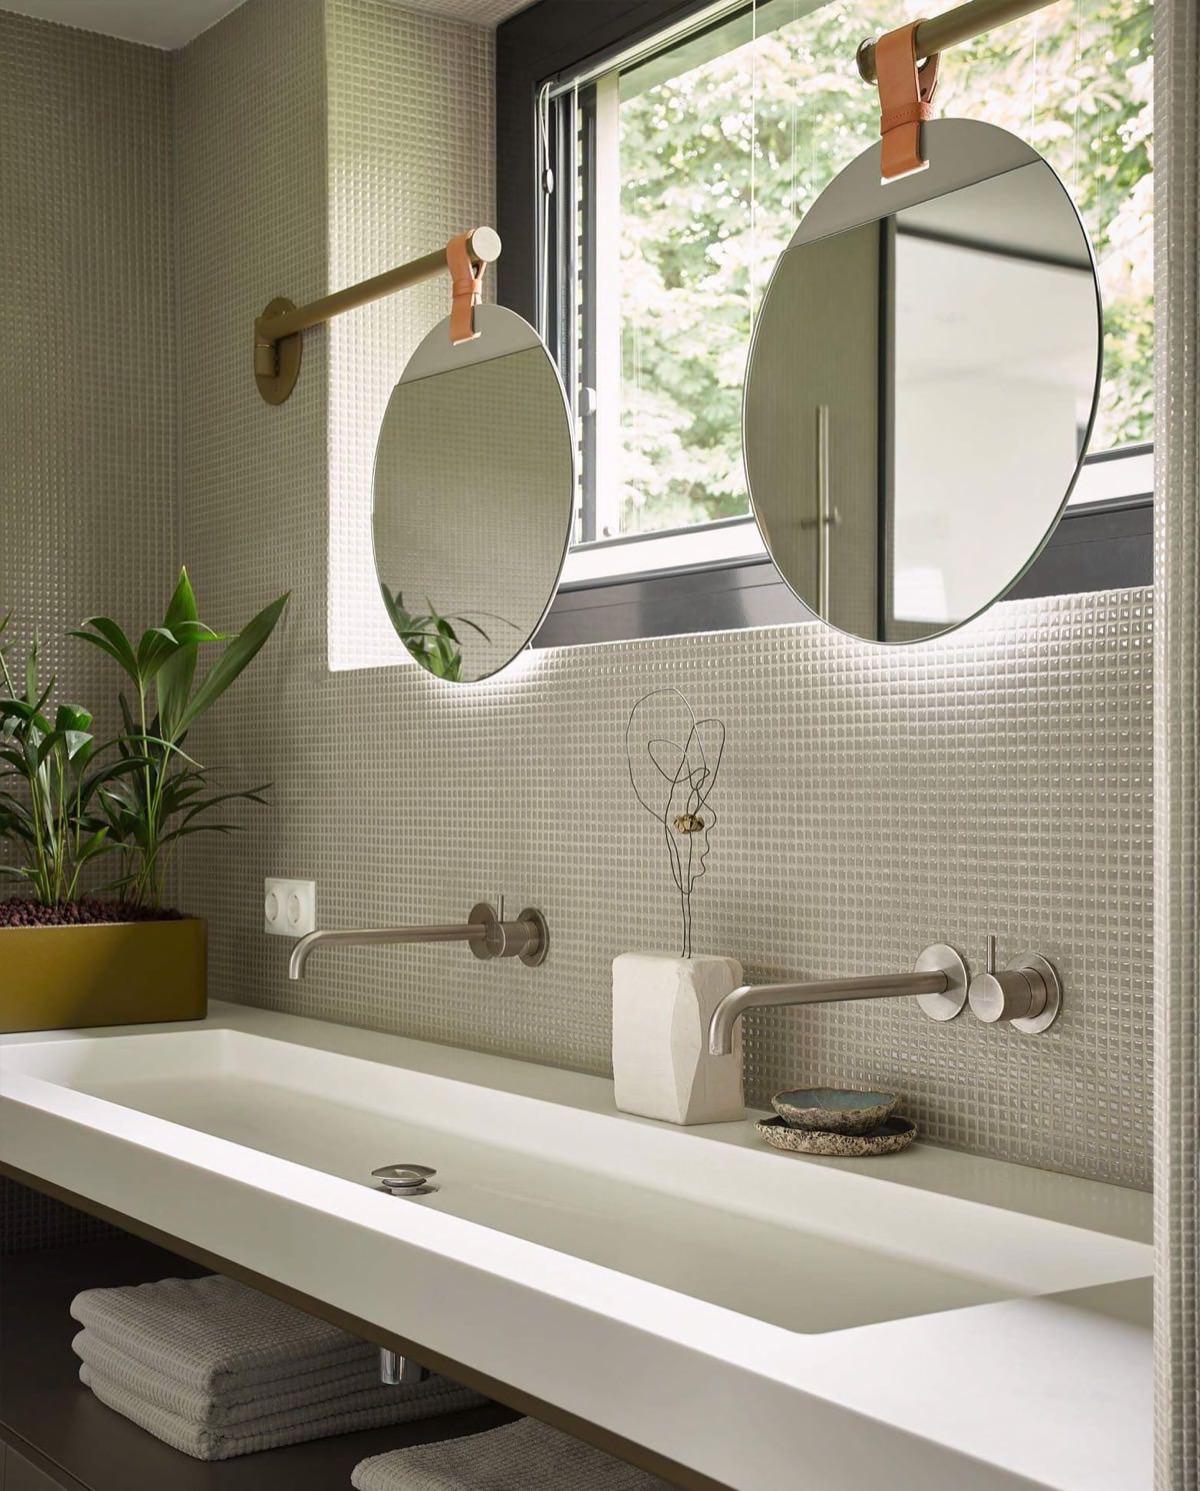 duurzaam-genieten_mijn-bad-in-stijl-4